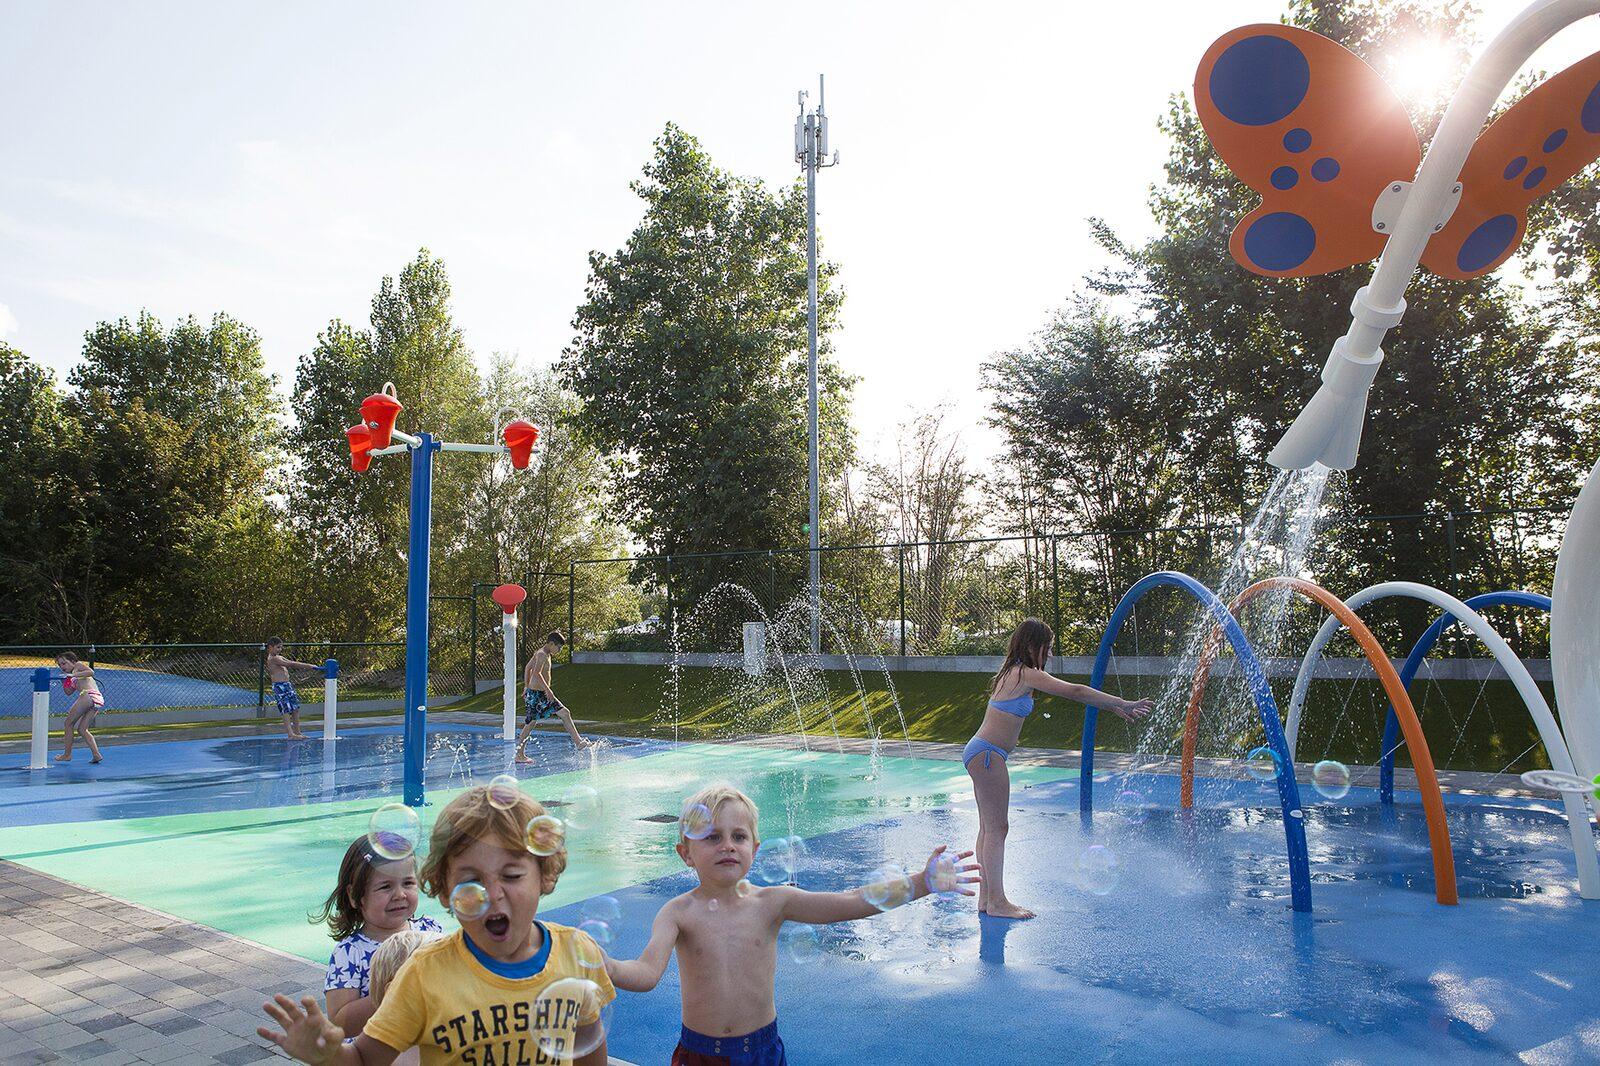 1 mei kindvriendelijk weekend kamperen Westende - PASAR